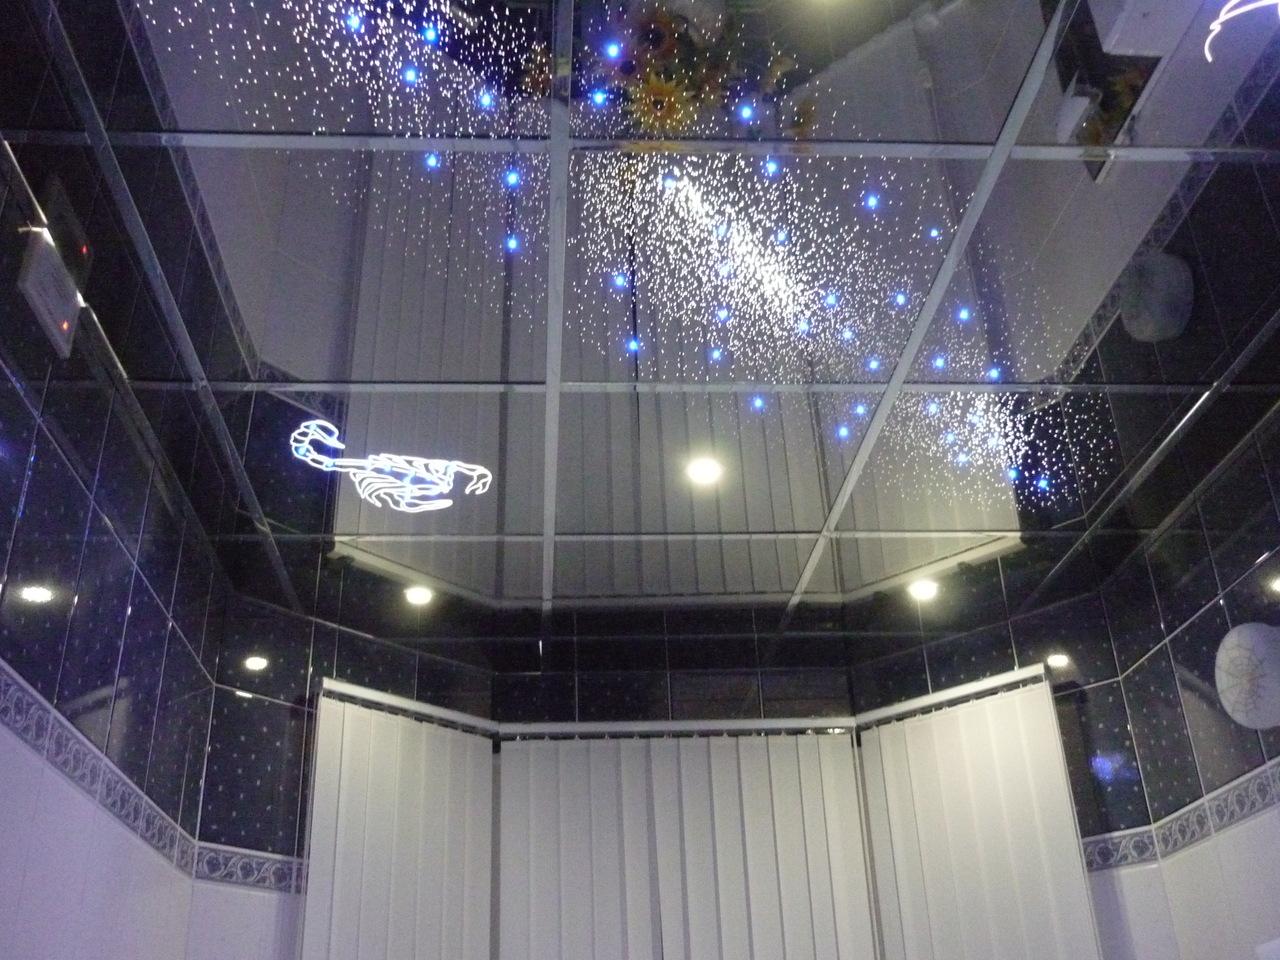 За счет отражательного эффекта можно зрительно увеличить пространство небольшой комнаты